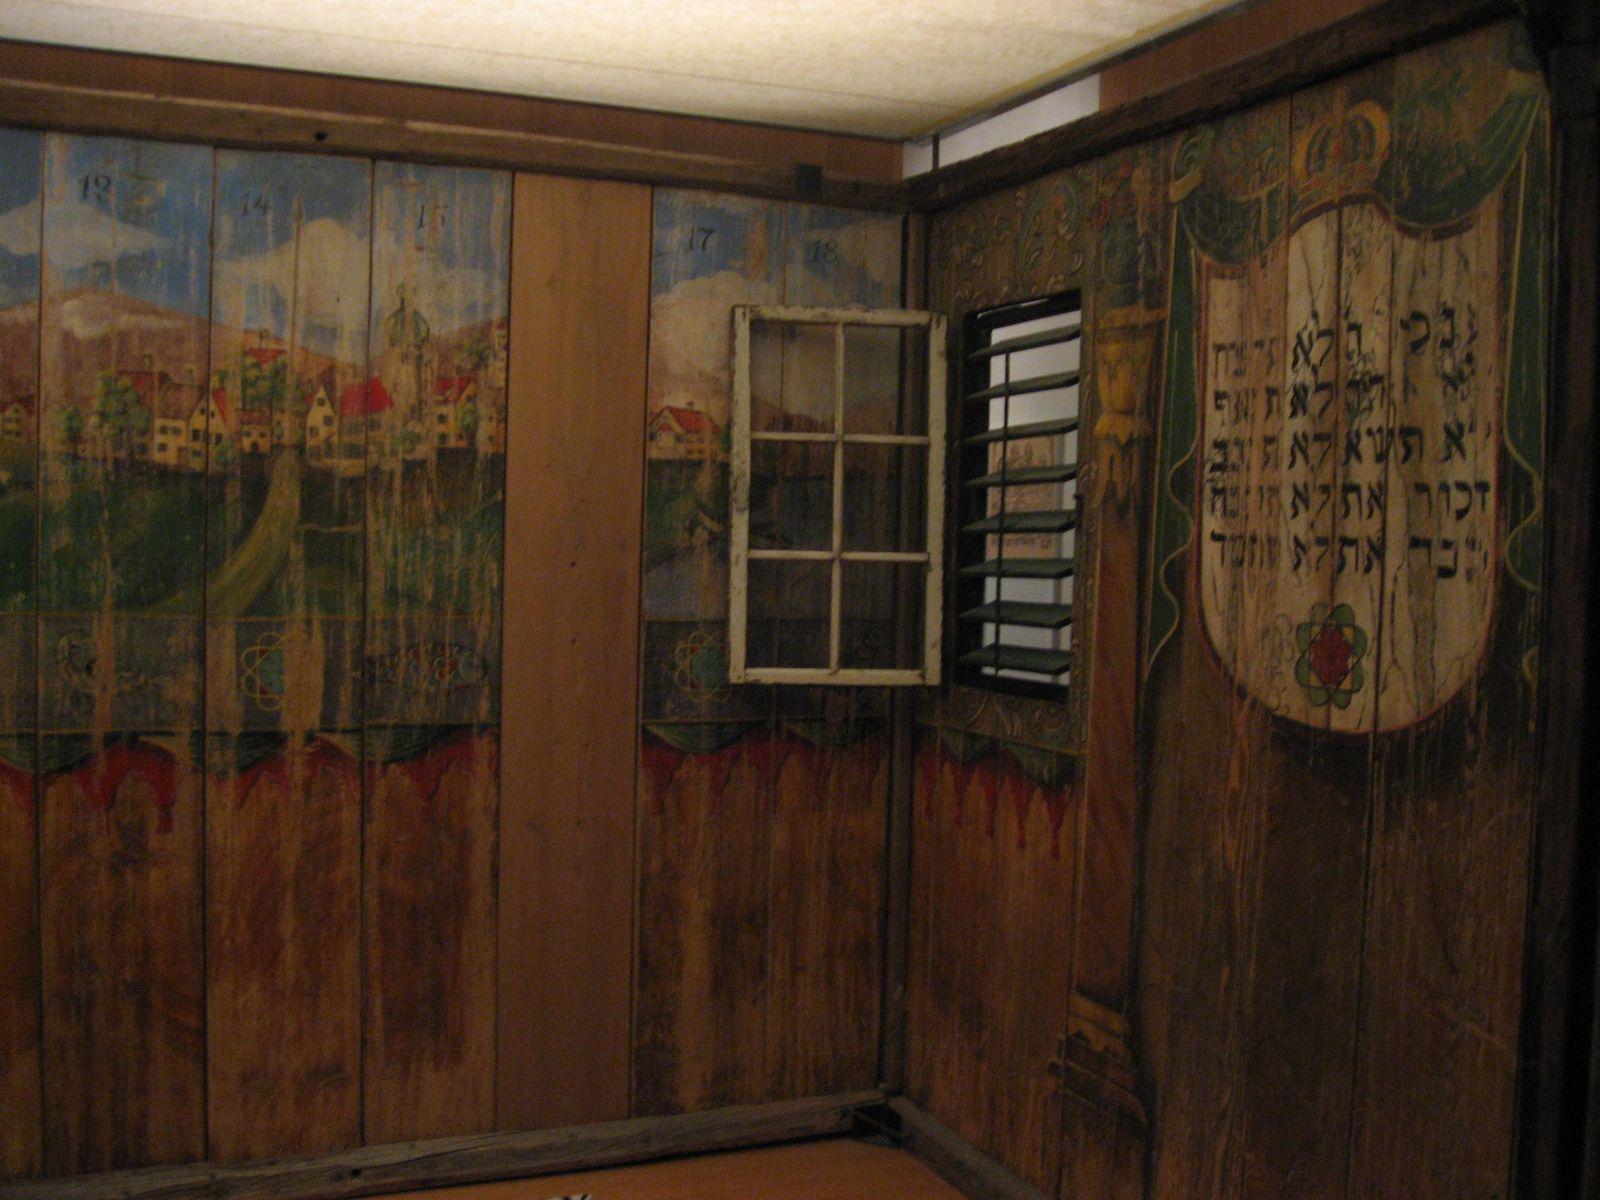 Musée d'Art et d'Histoire du Judaïsme_Paris (1)